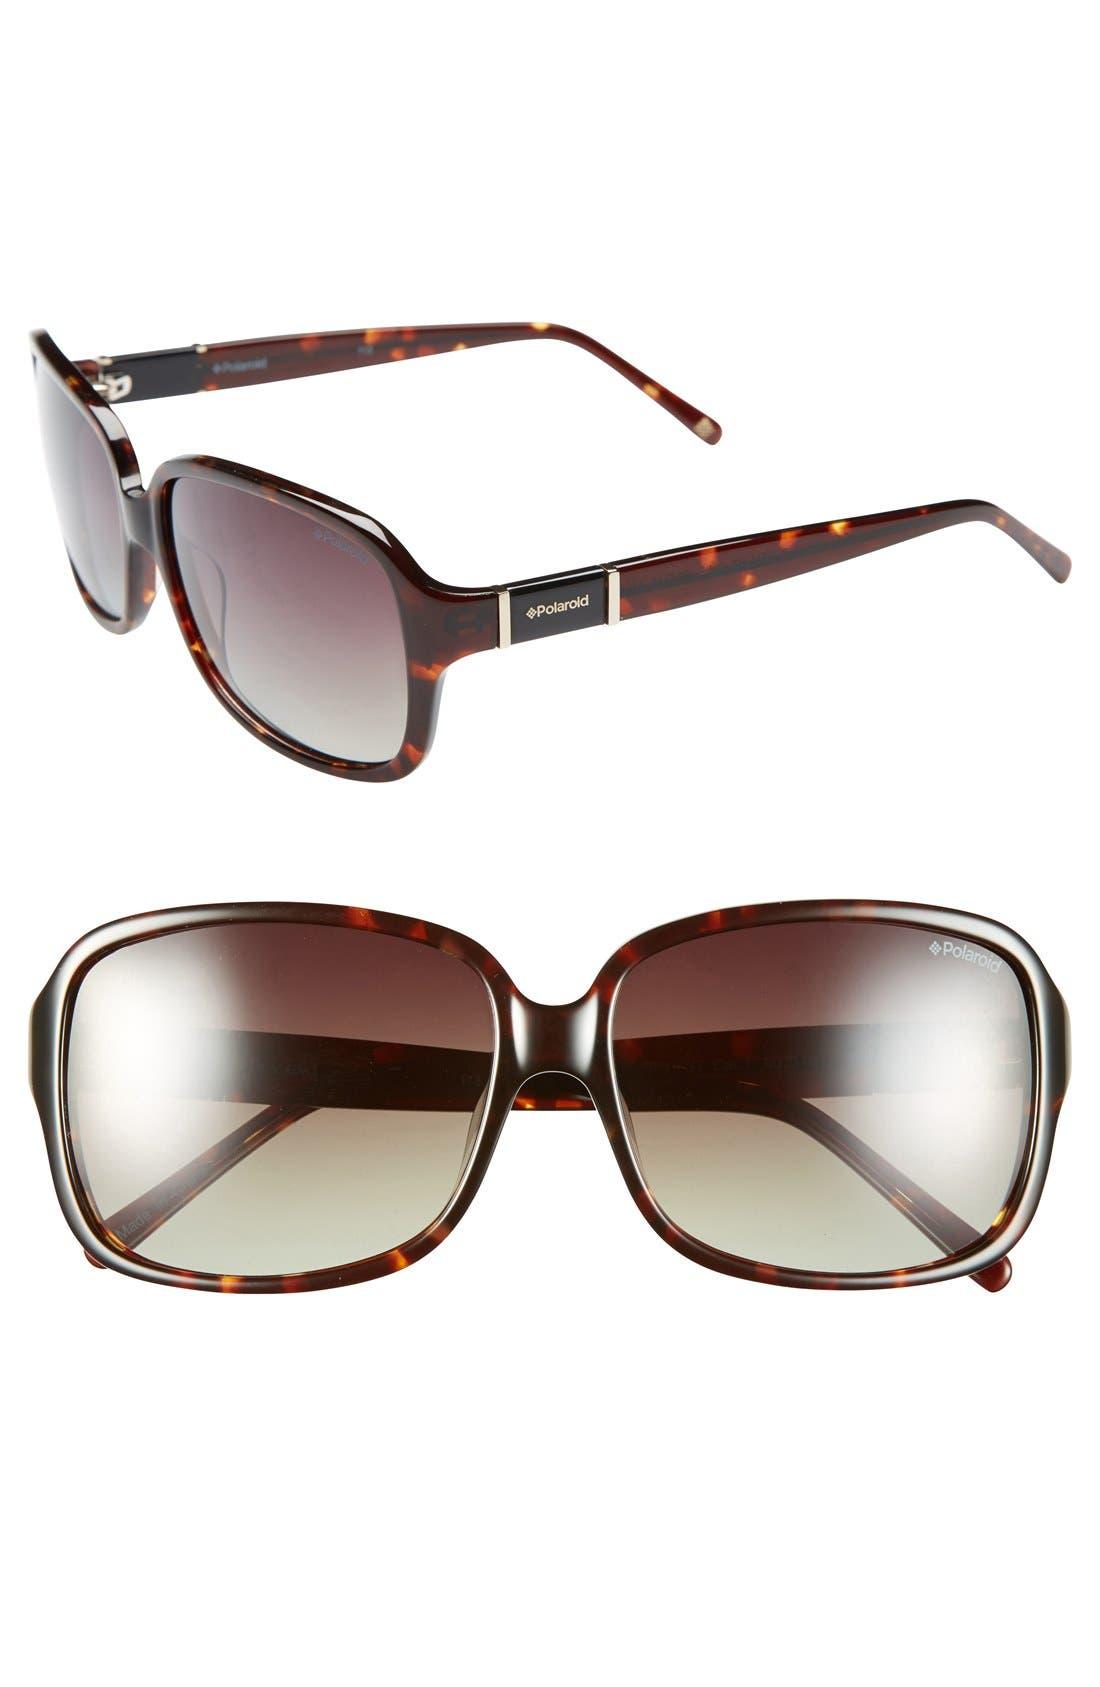 Main Image - Polaroid Eyewear 60mm Polarized Sunglasses